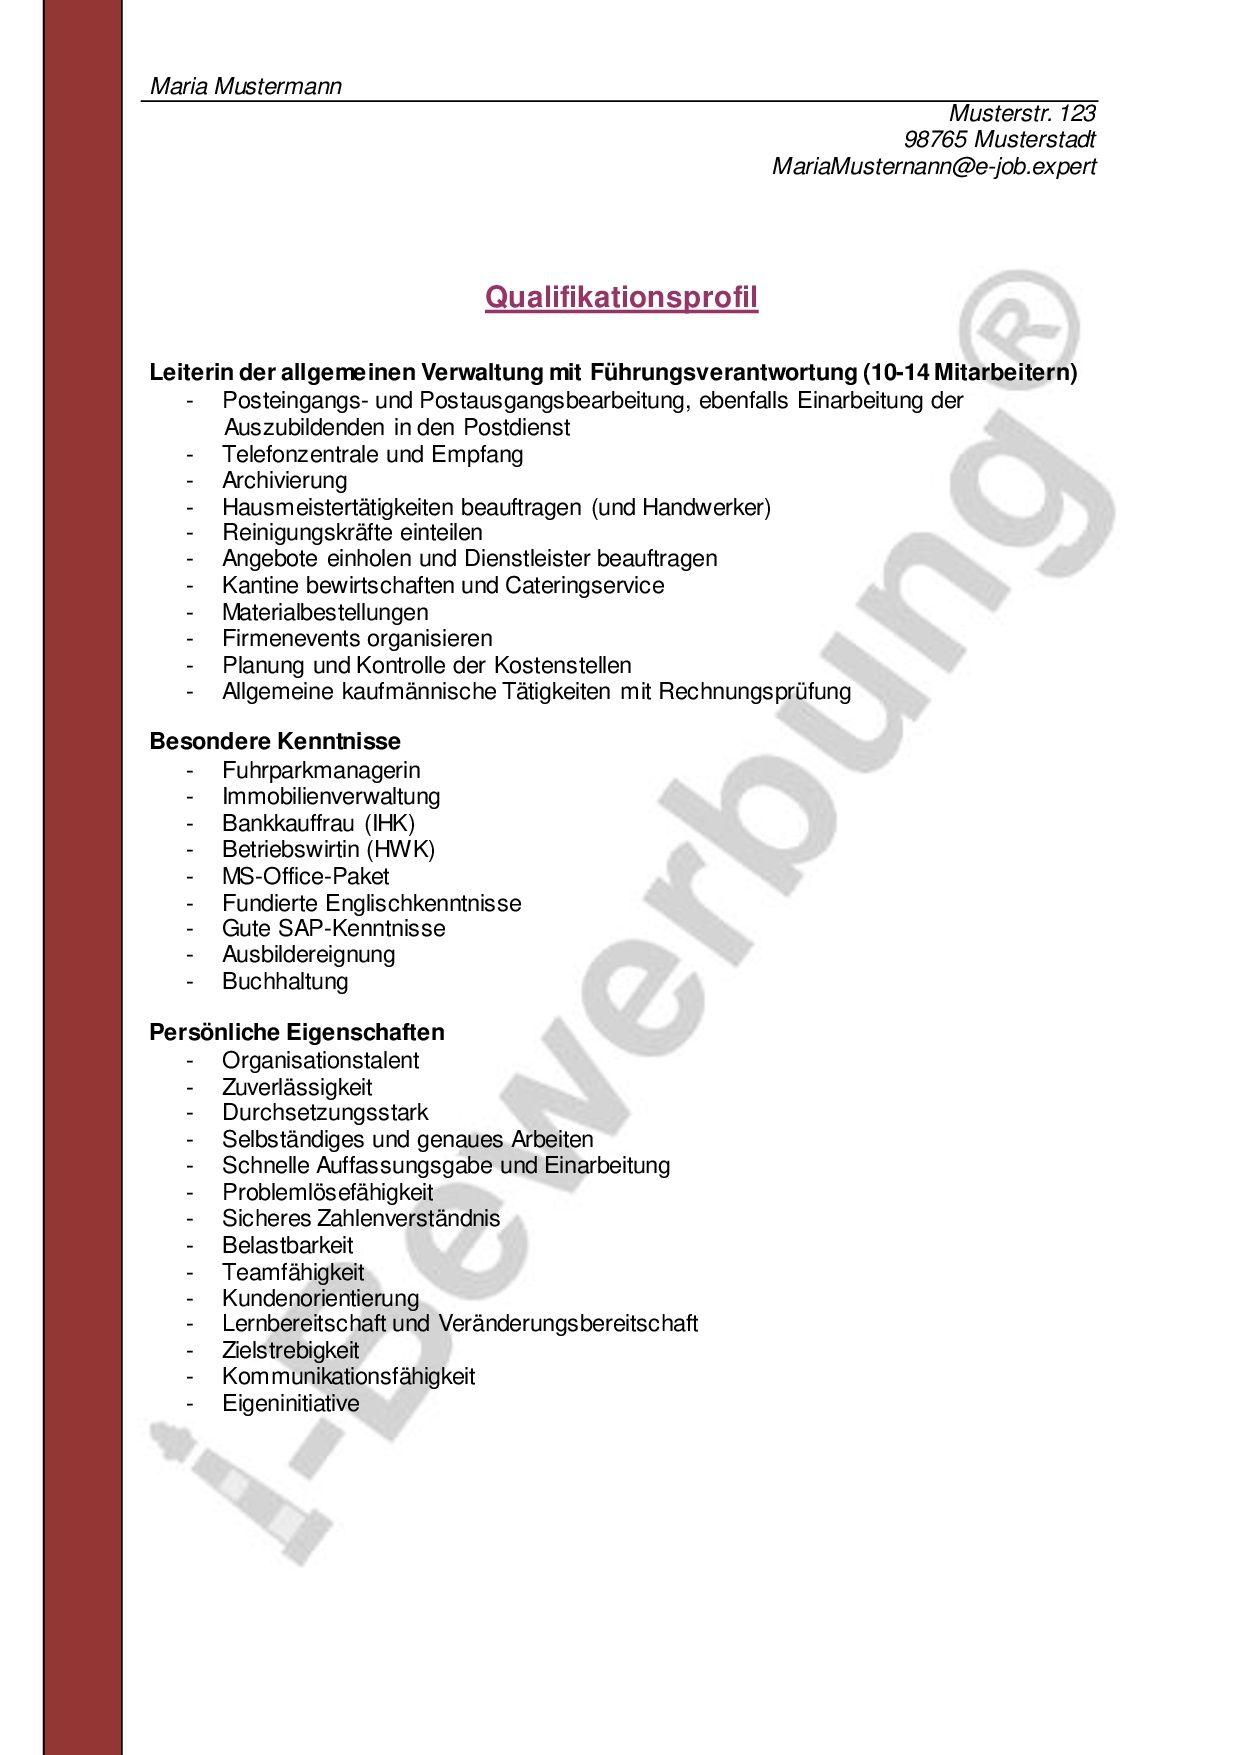 Muster Eines Qualifikationsprofils Zur Initiativbewerbung Vorlagen Lebenslauf Lebenslauf Bewerbung